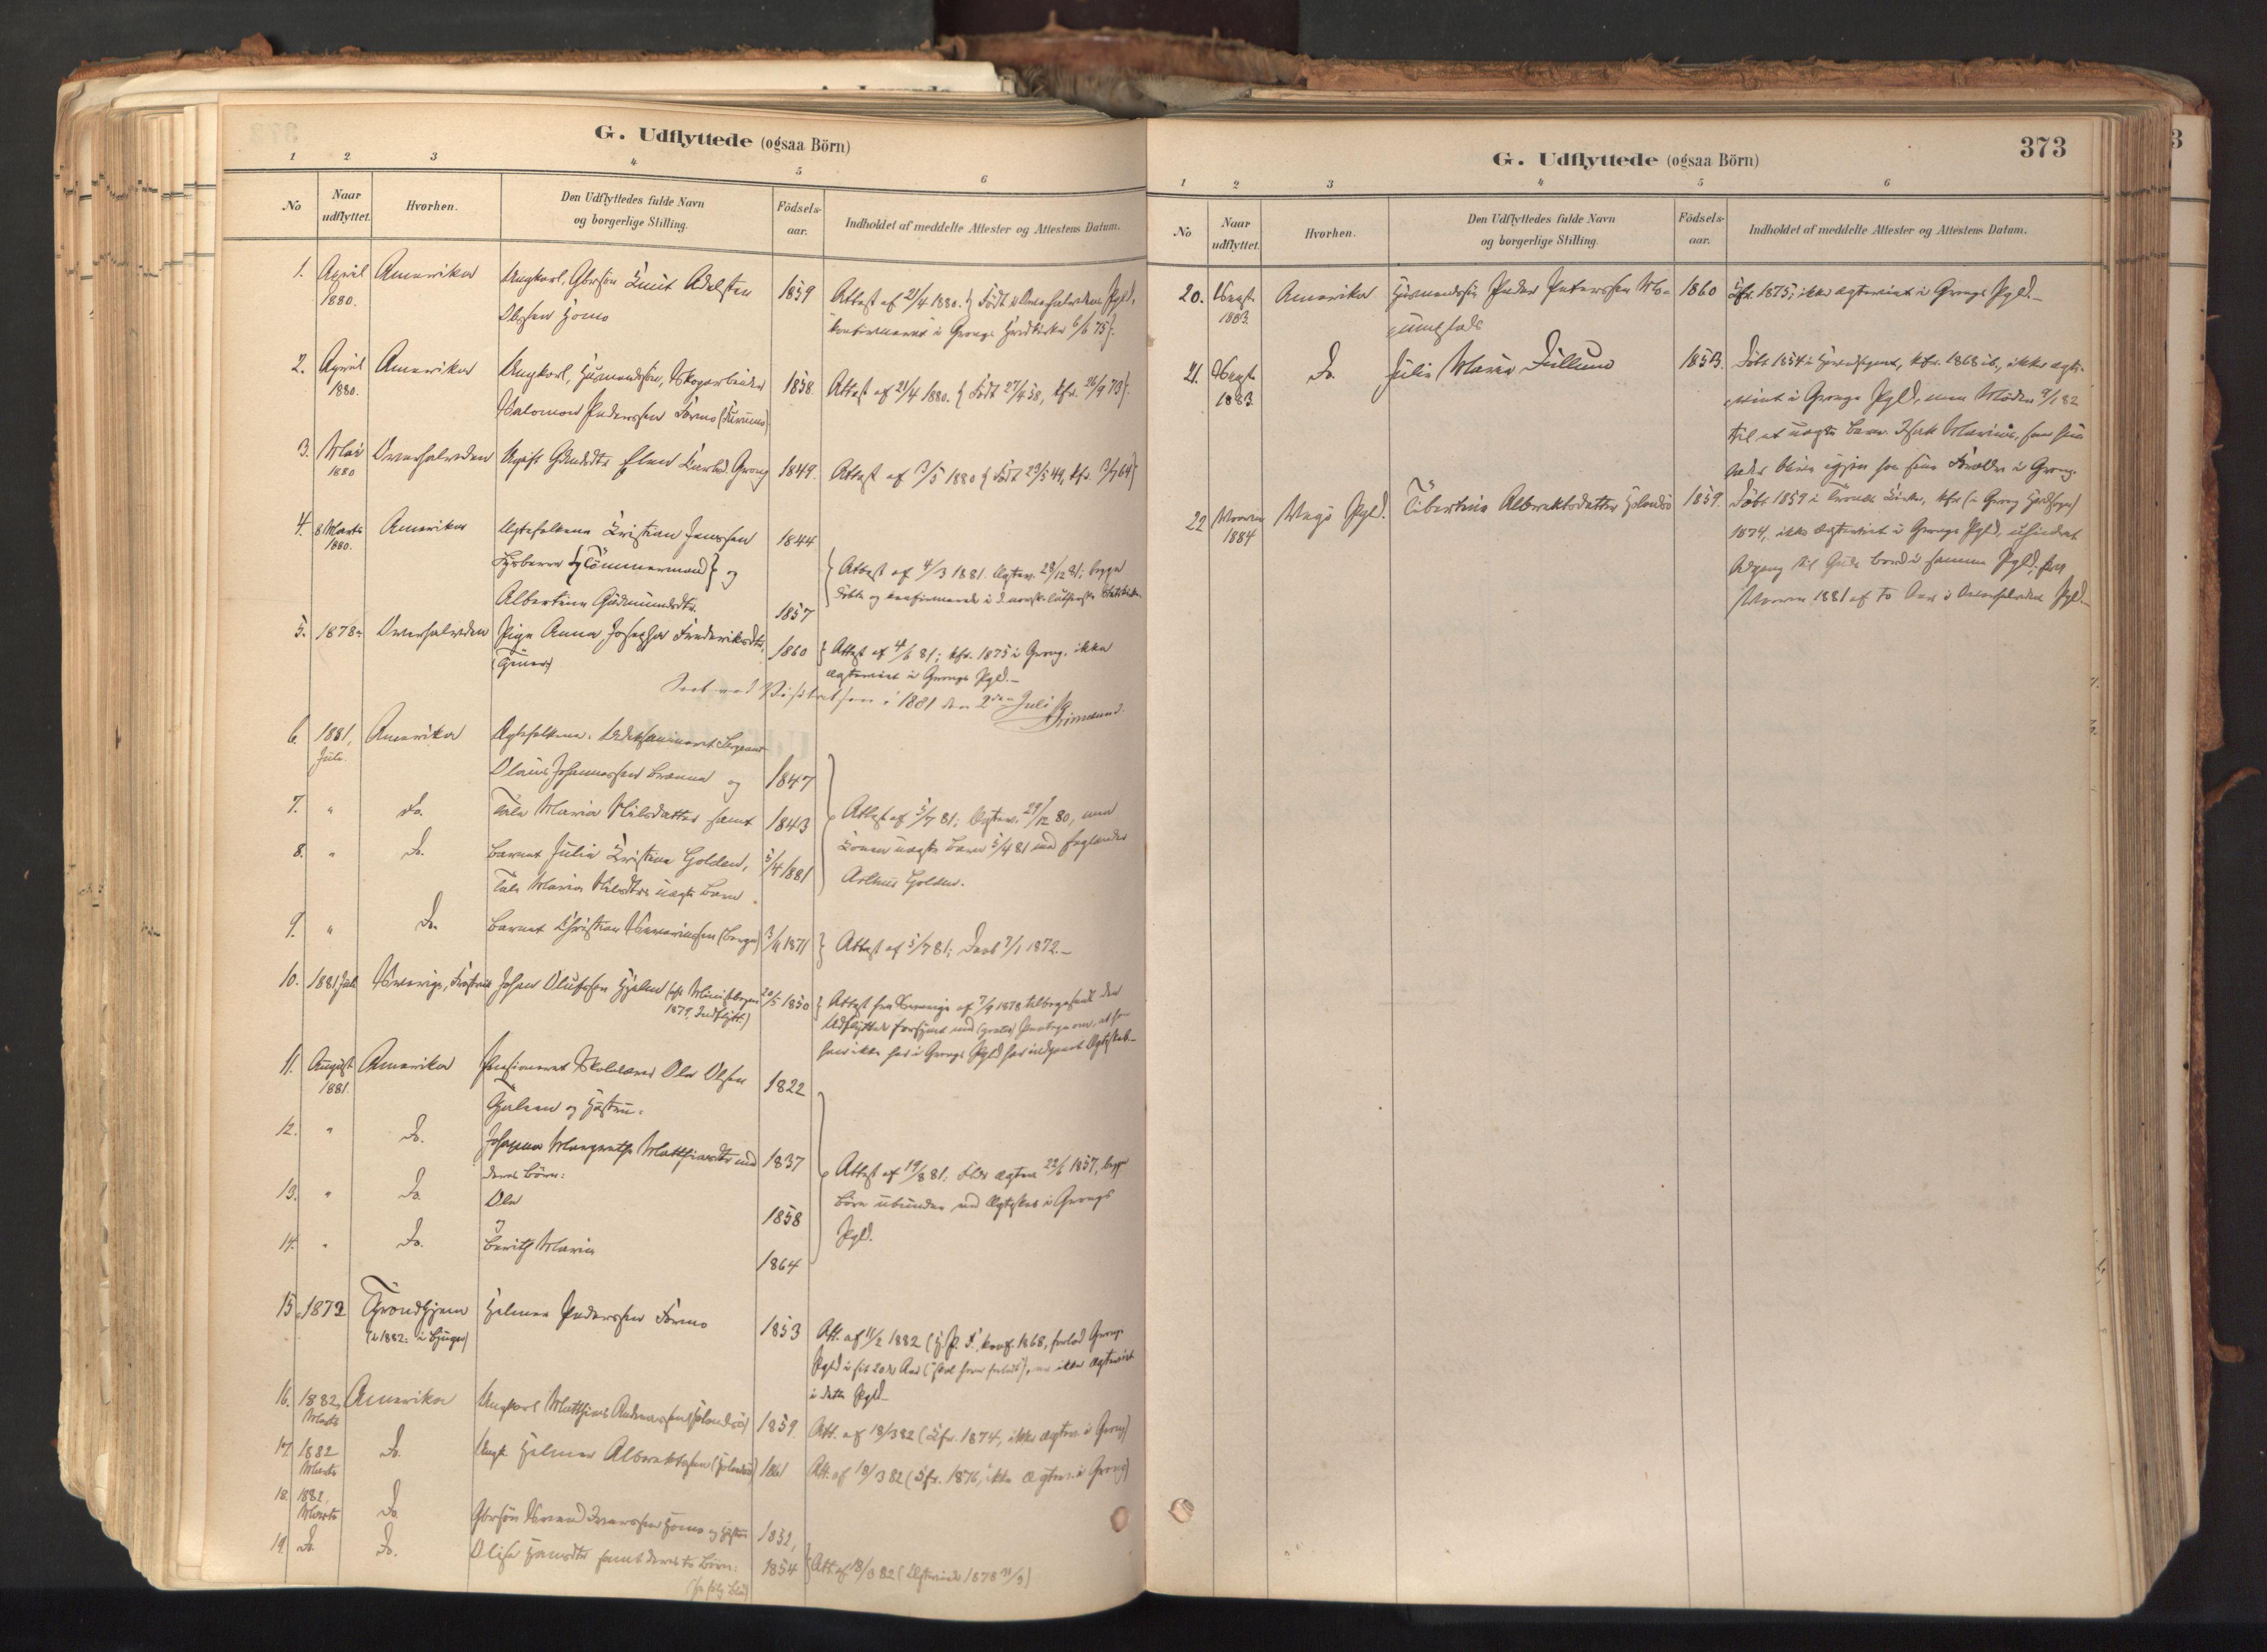 SAT, Ministerialprotokoller, klokkerbøker og fødselsregistre - Nord-Trøndelag, 758/L0519: Ministerialbok nr. 758A04, 1880-1926, s. 373